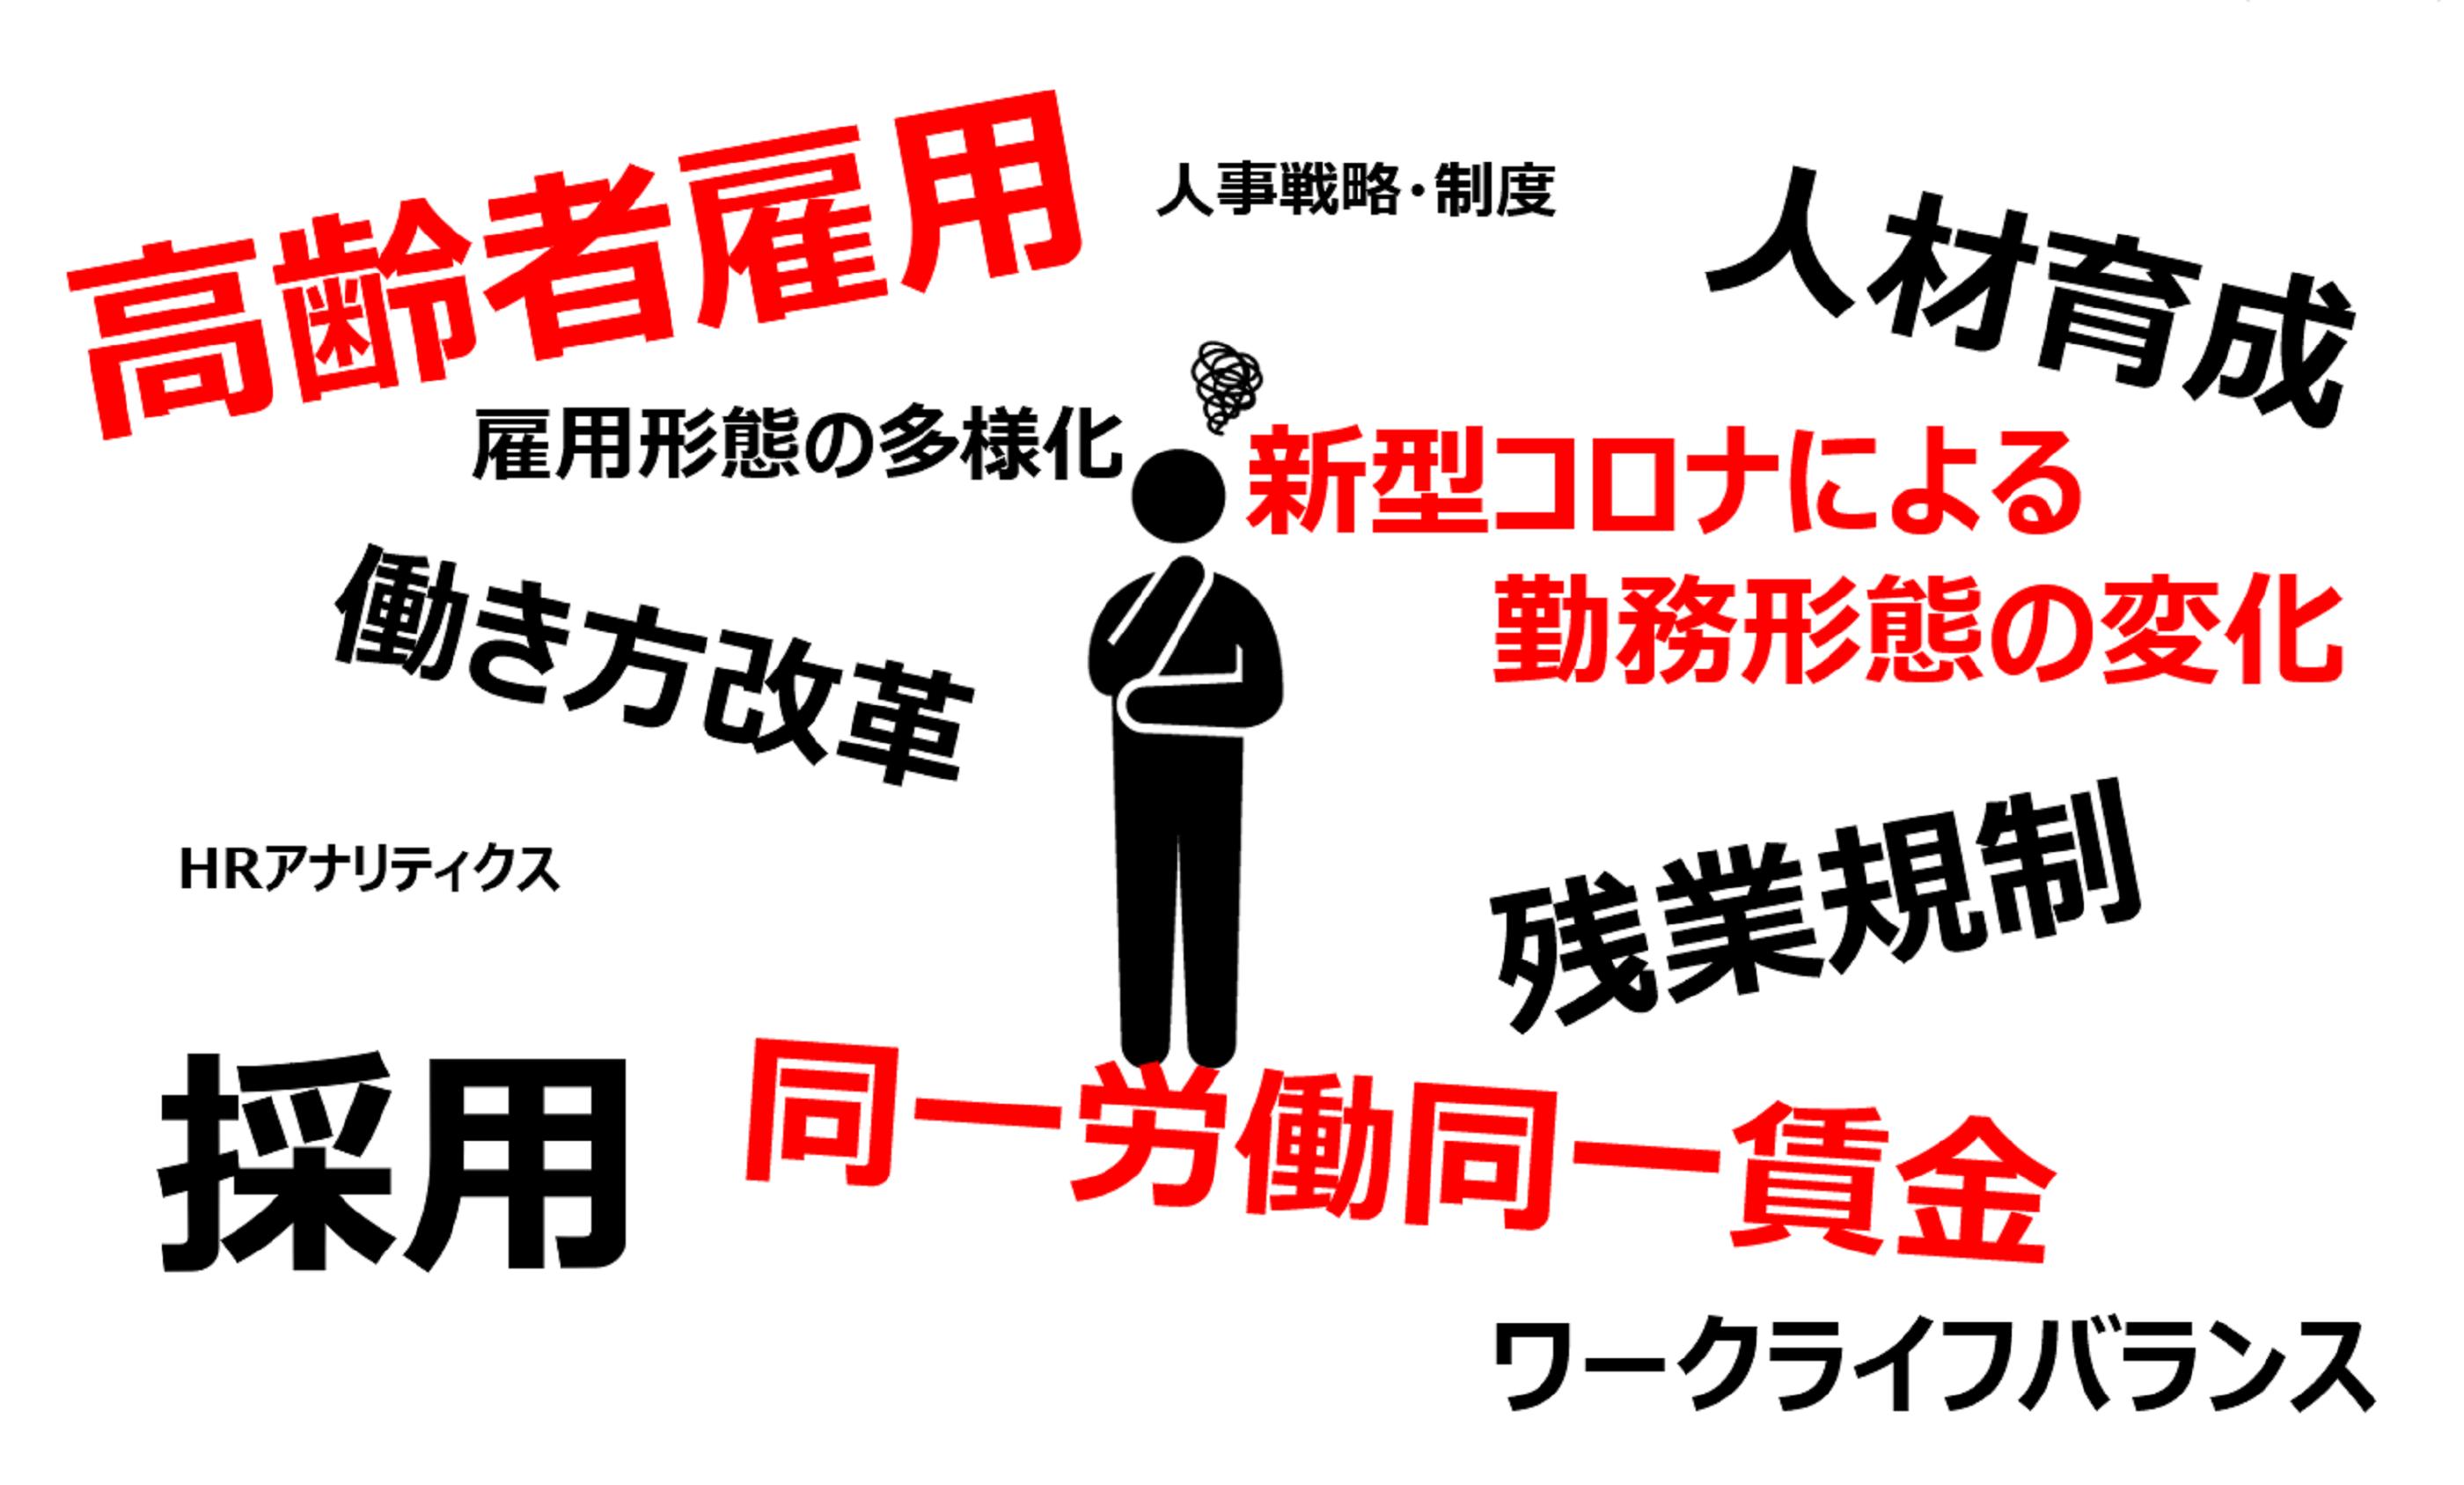 中小・ベンチャー向け社外人事部サービス「Another HR」のサービス開始